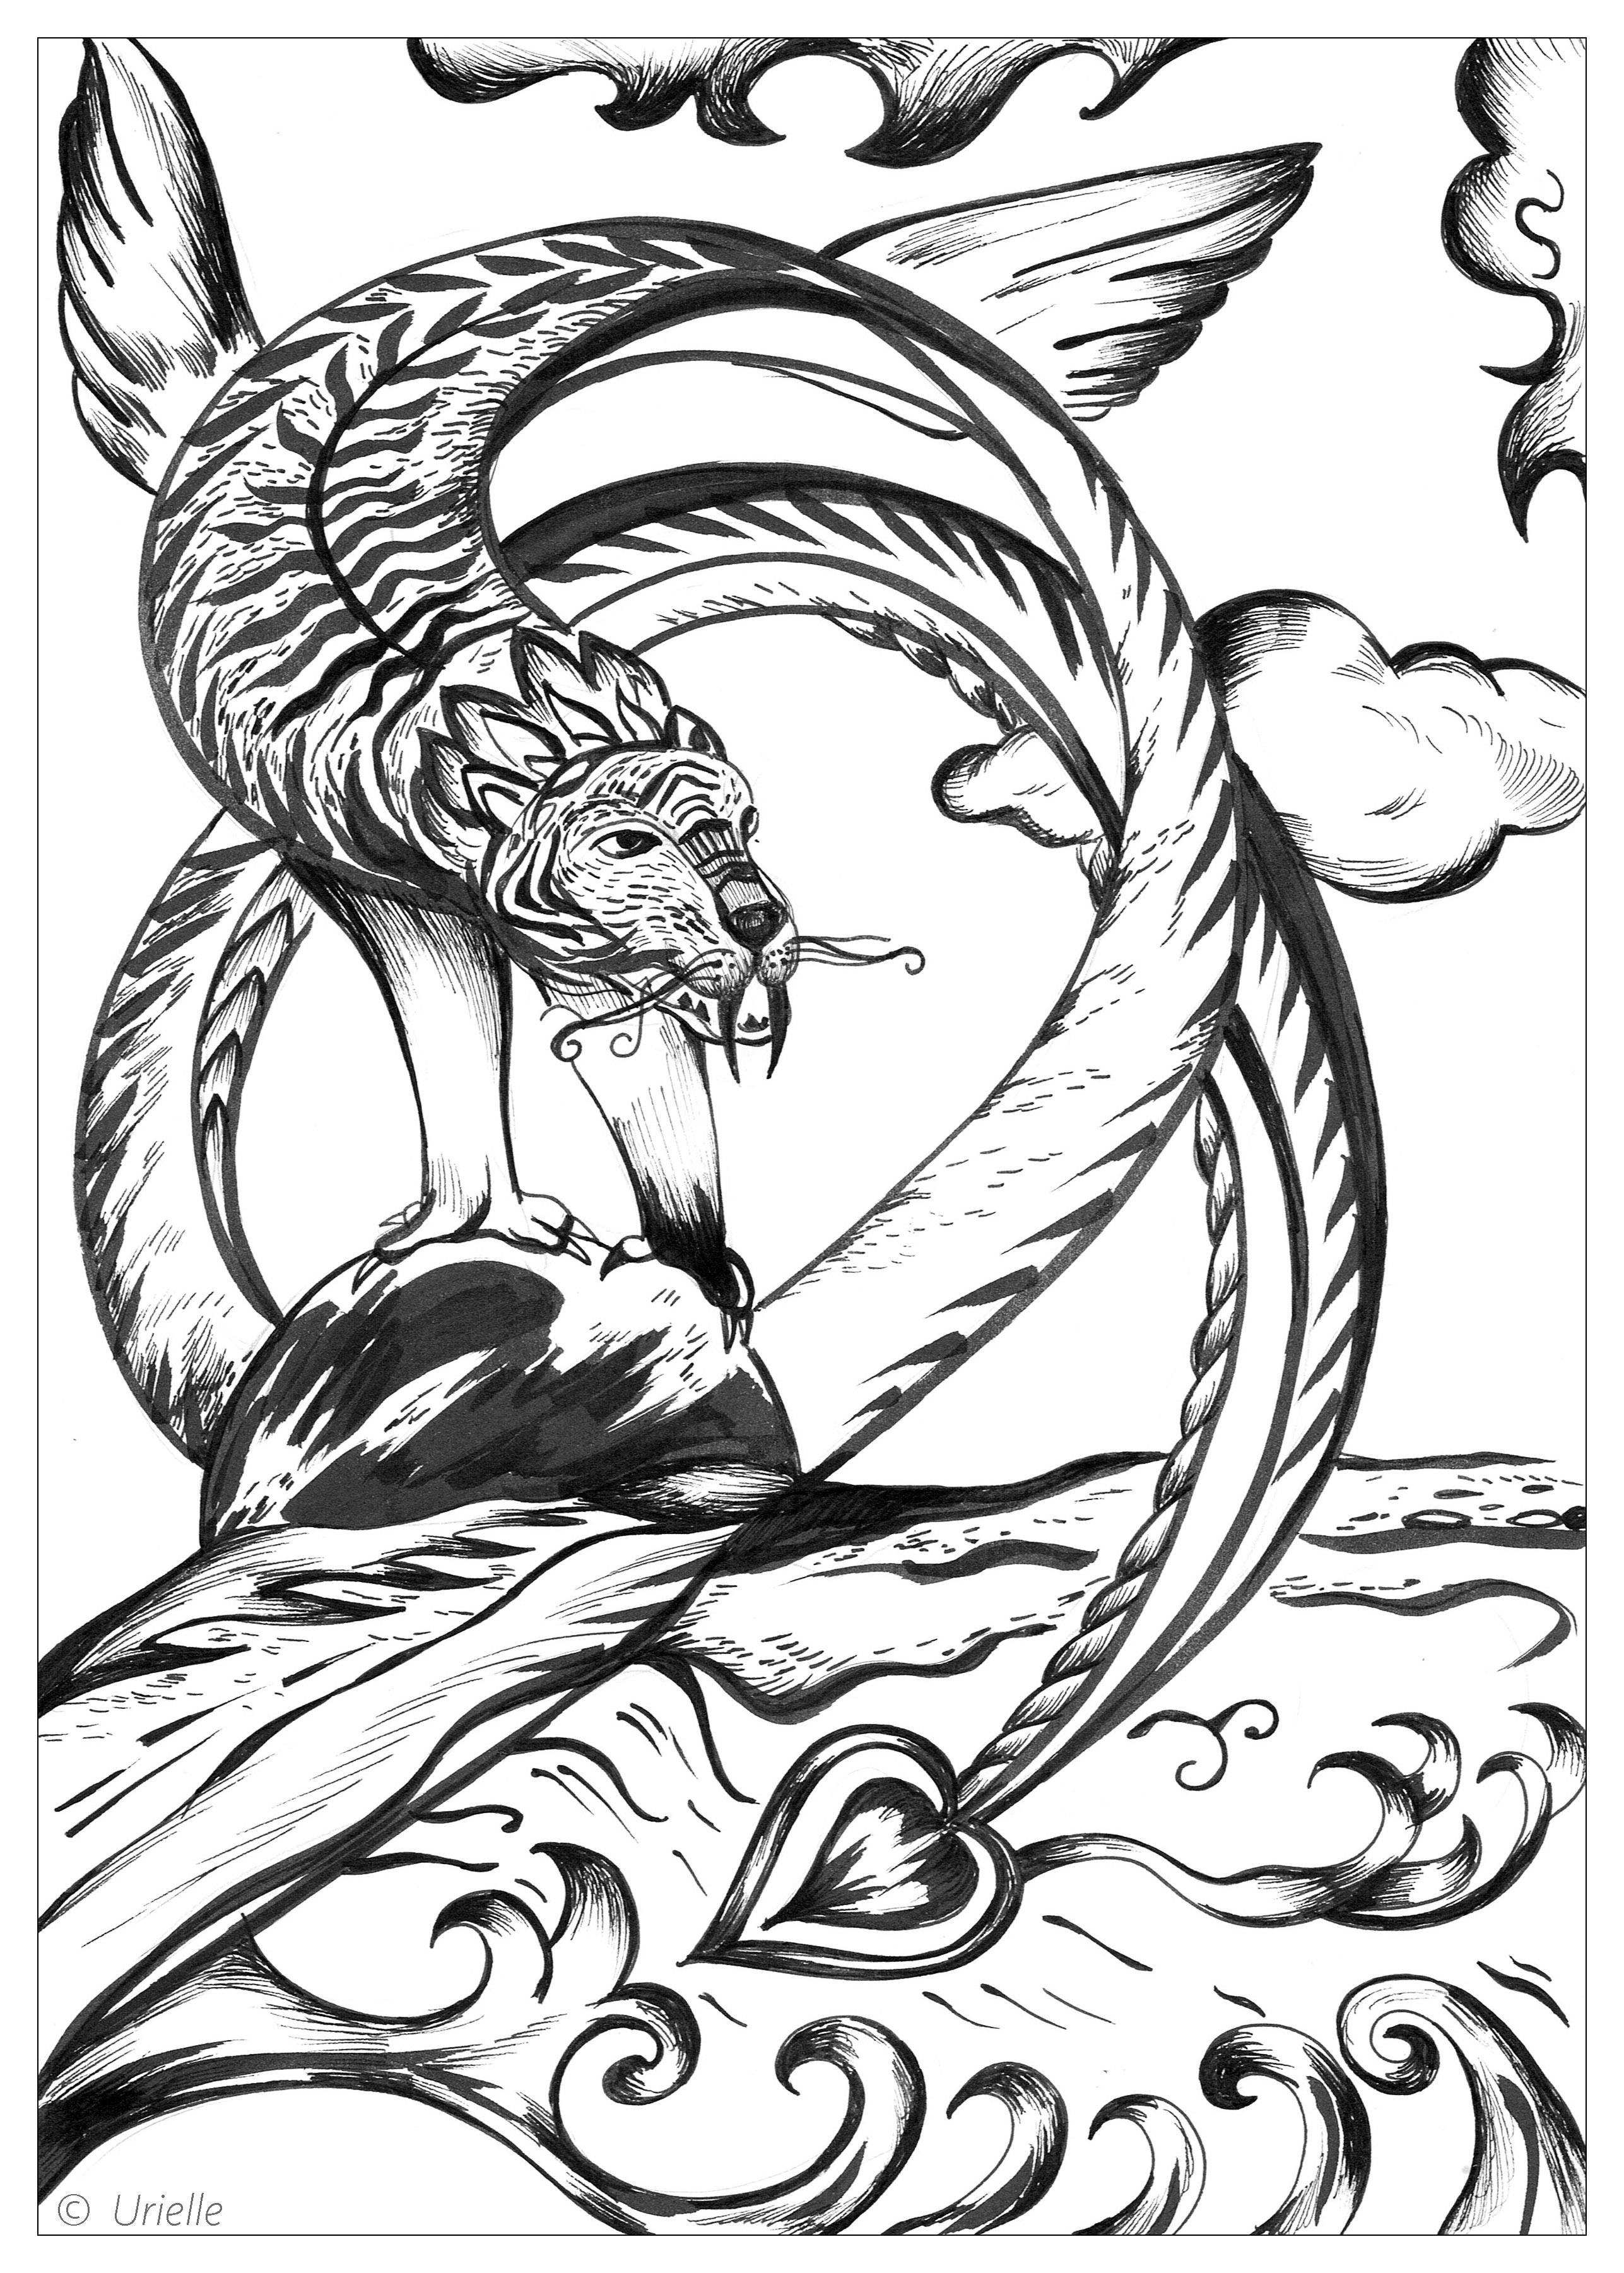 Force | A partir de la galerie : Animaux | Artiste : Urielle